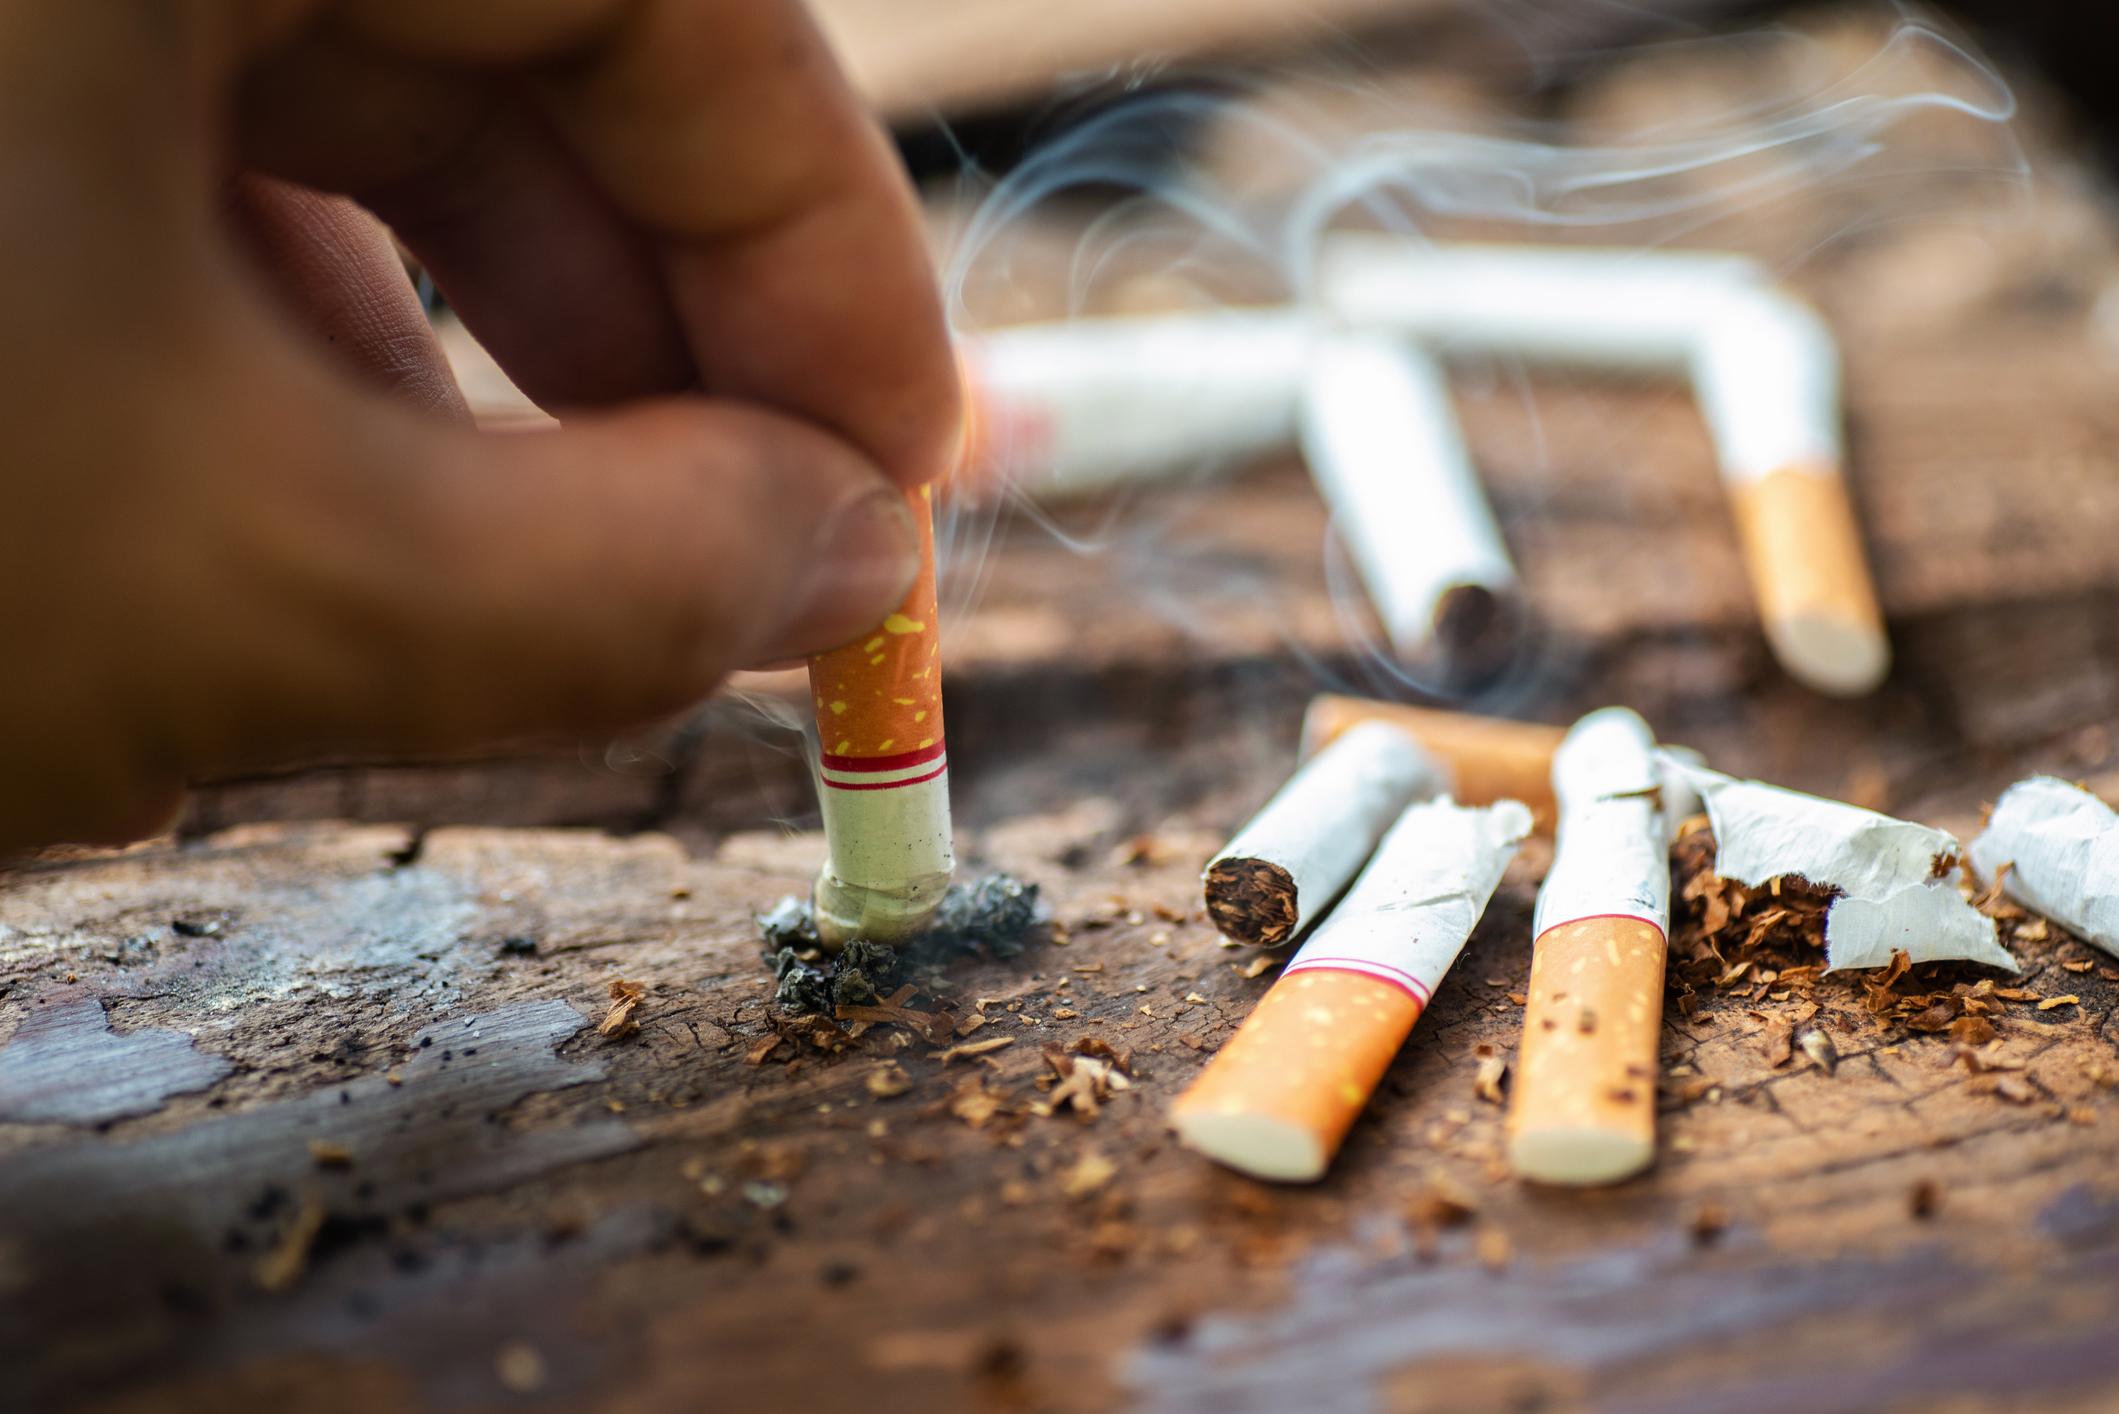 Vrei să renunți la fumat? Psihologii susțin că nu voința este cheia